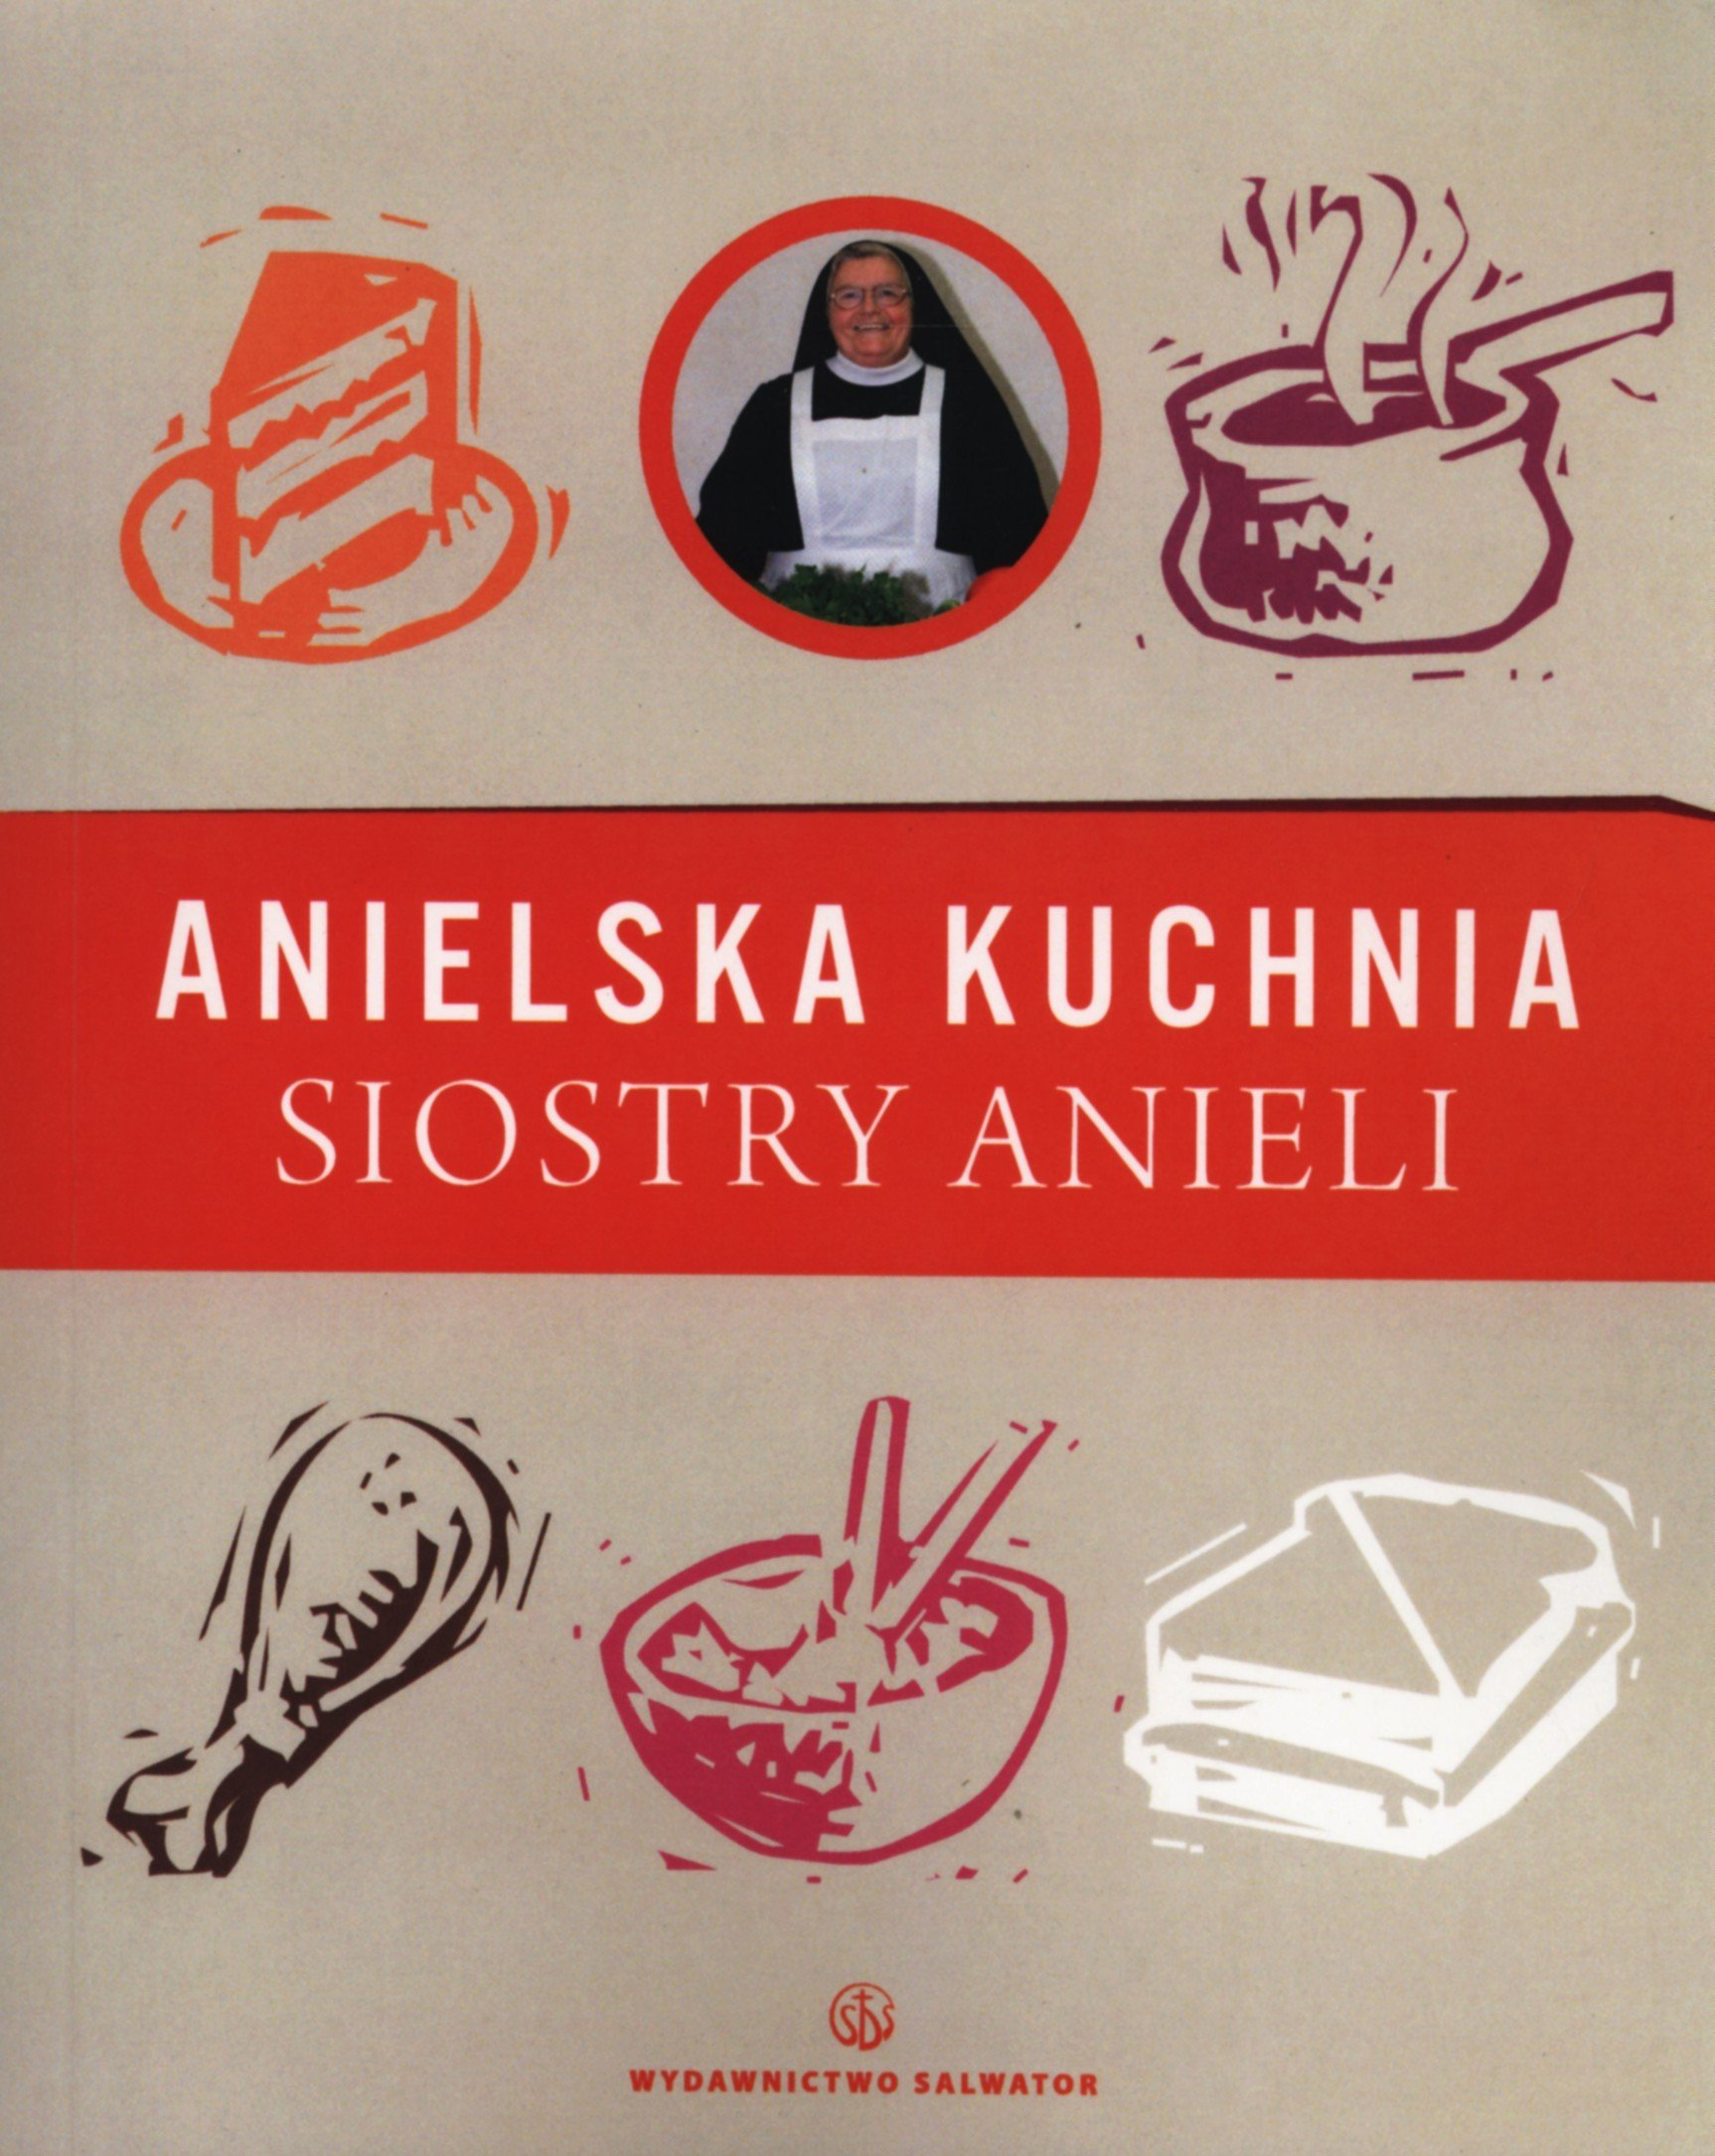 Anielska Kuchnia Siostry Anieli S Aniela Garecka Ksiazka